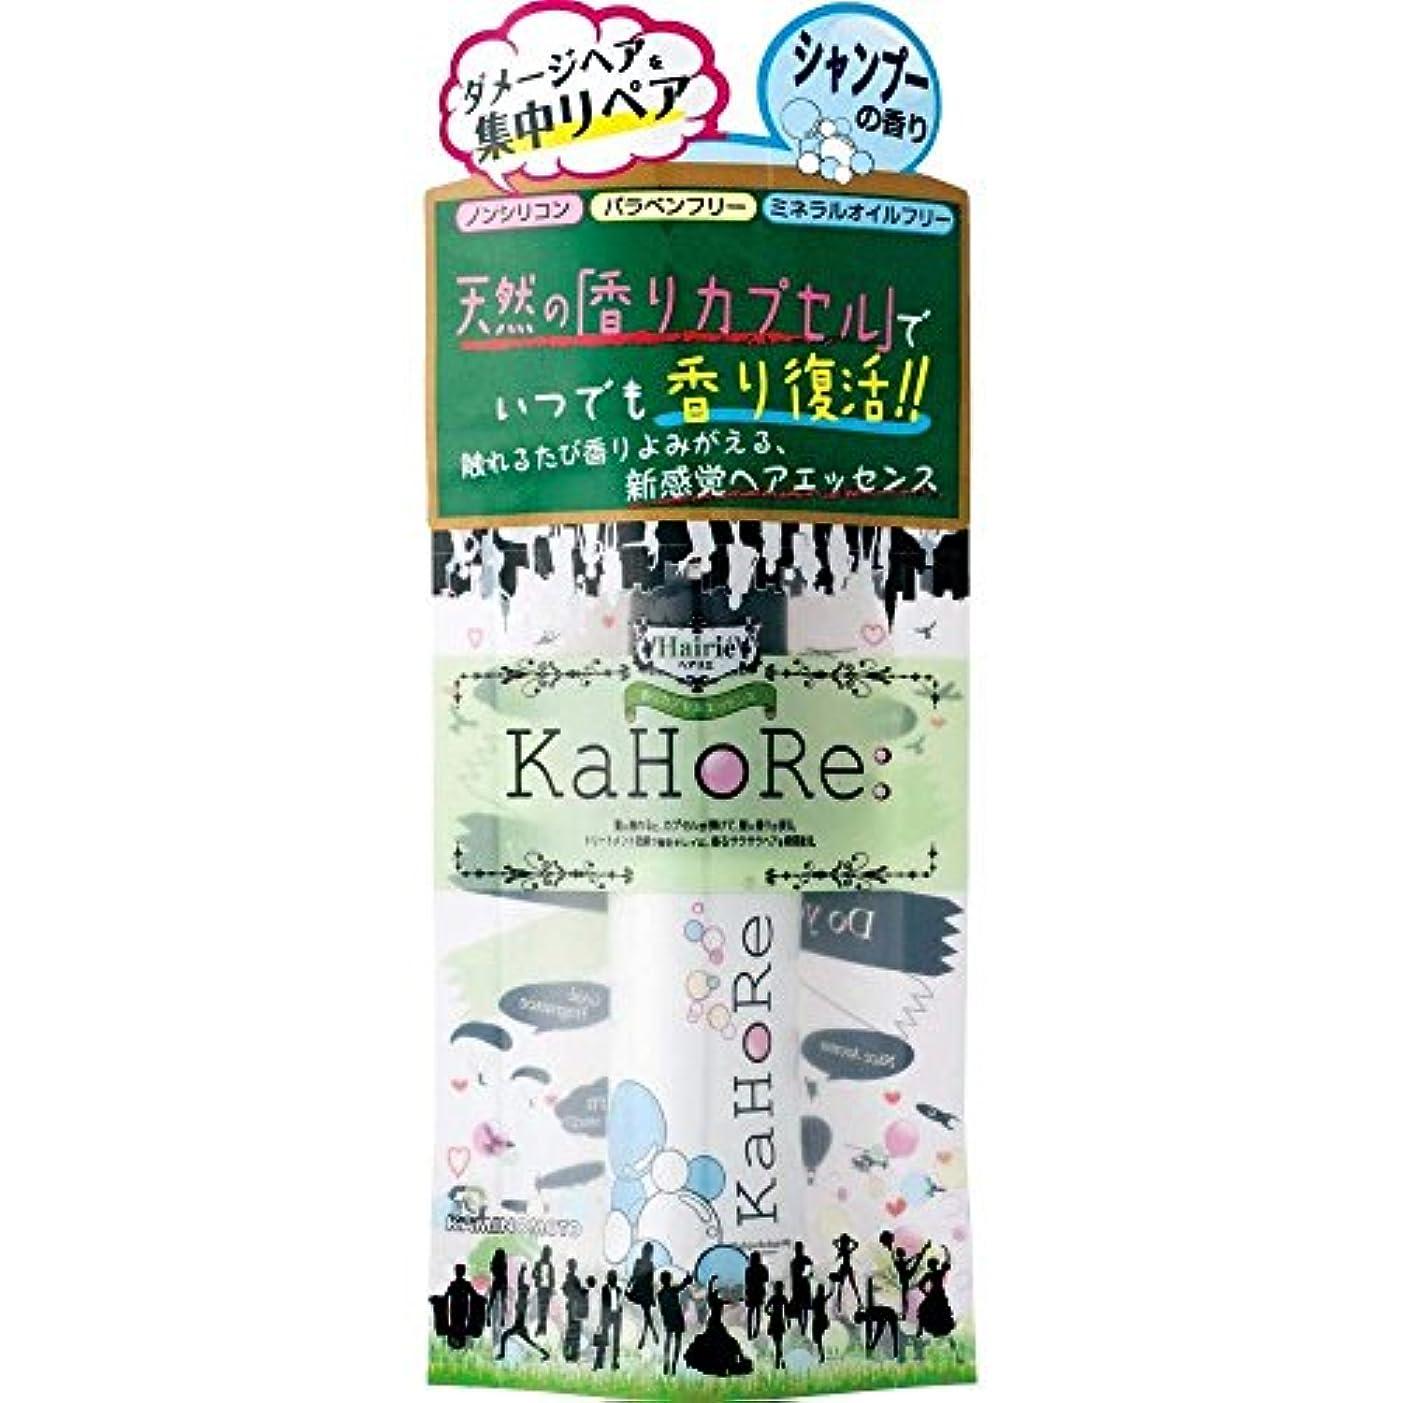 怒って姿を消す筋肉のヘアリエ KaHoRe ヘアエッセンス 洗いたてのシャンプーの香り 30g×3個